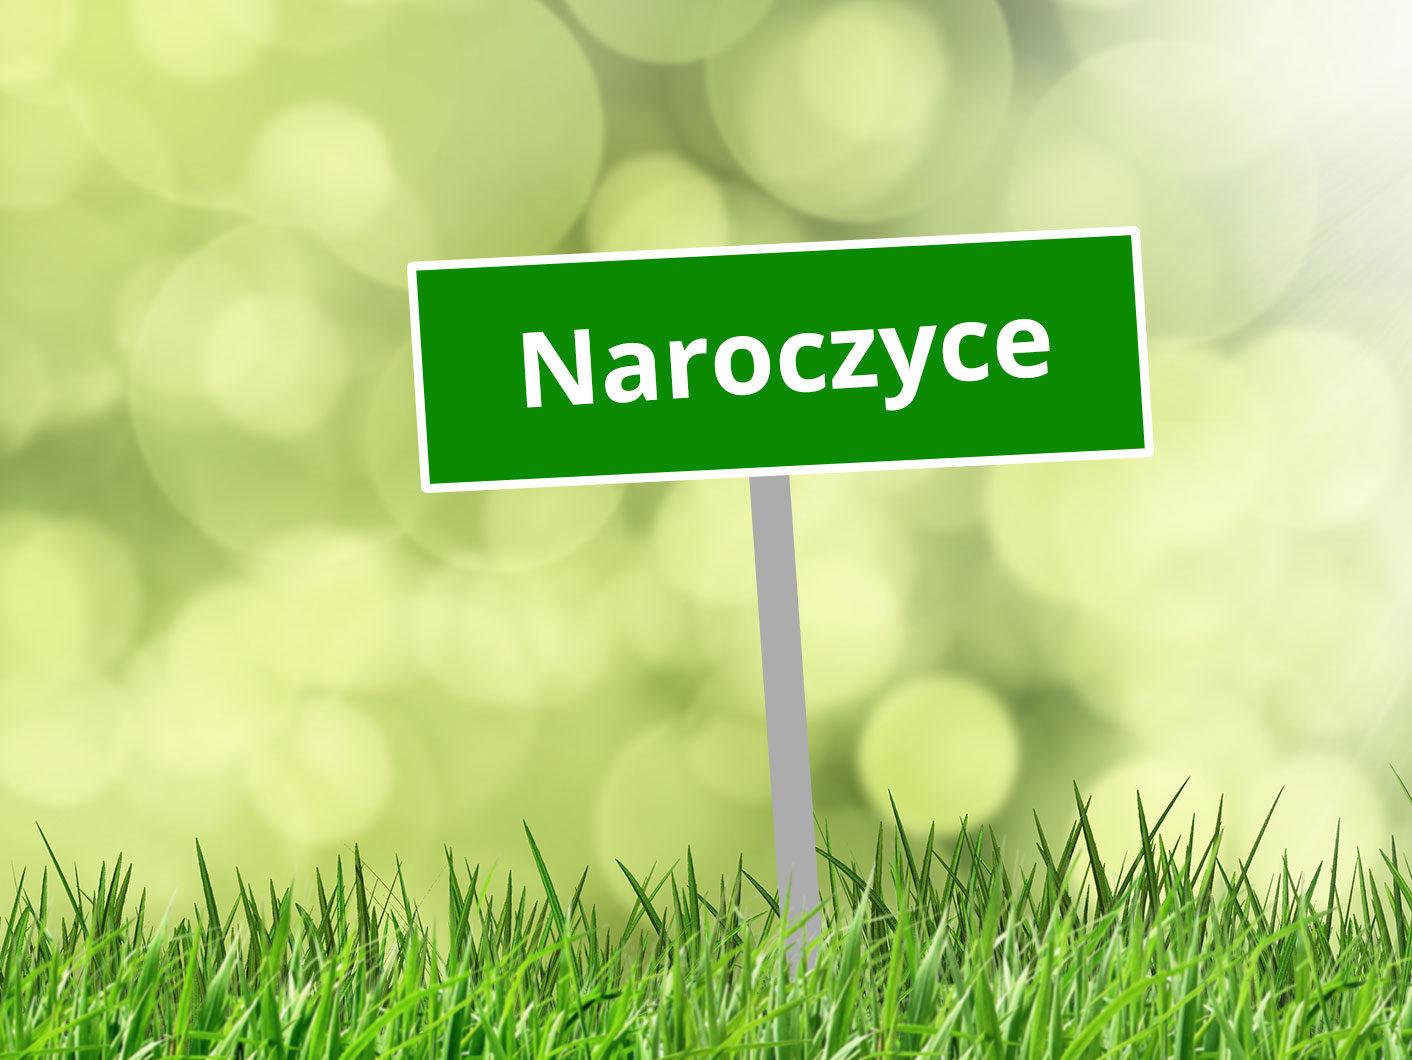 Sołectwo Naroczyce